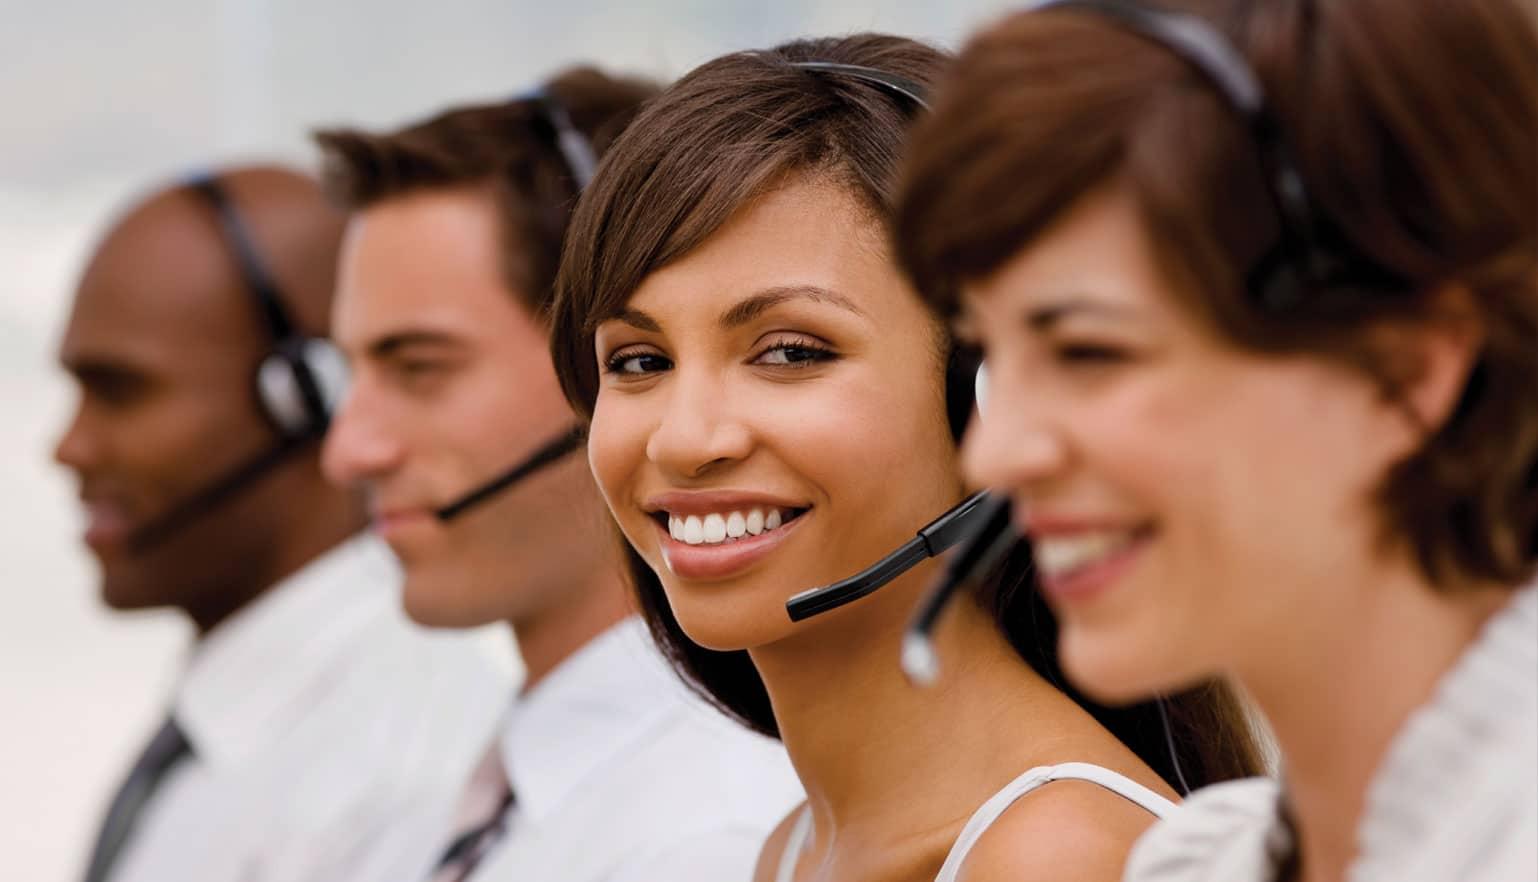 Pourquoi vous avez choisi de travailler dans un centre d'appel ?